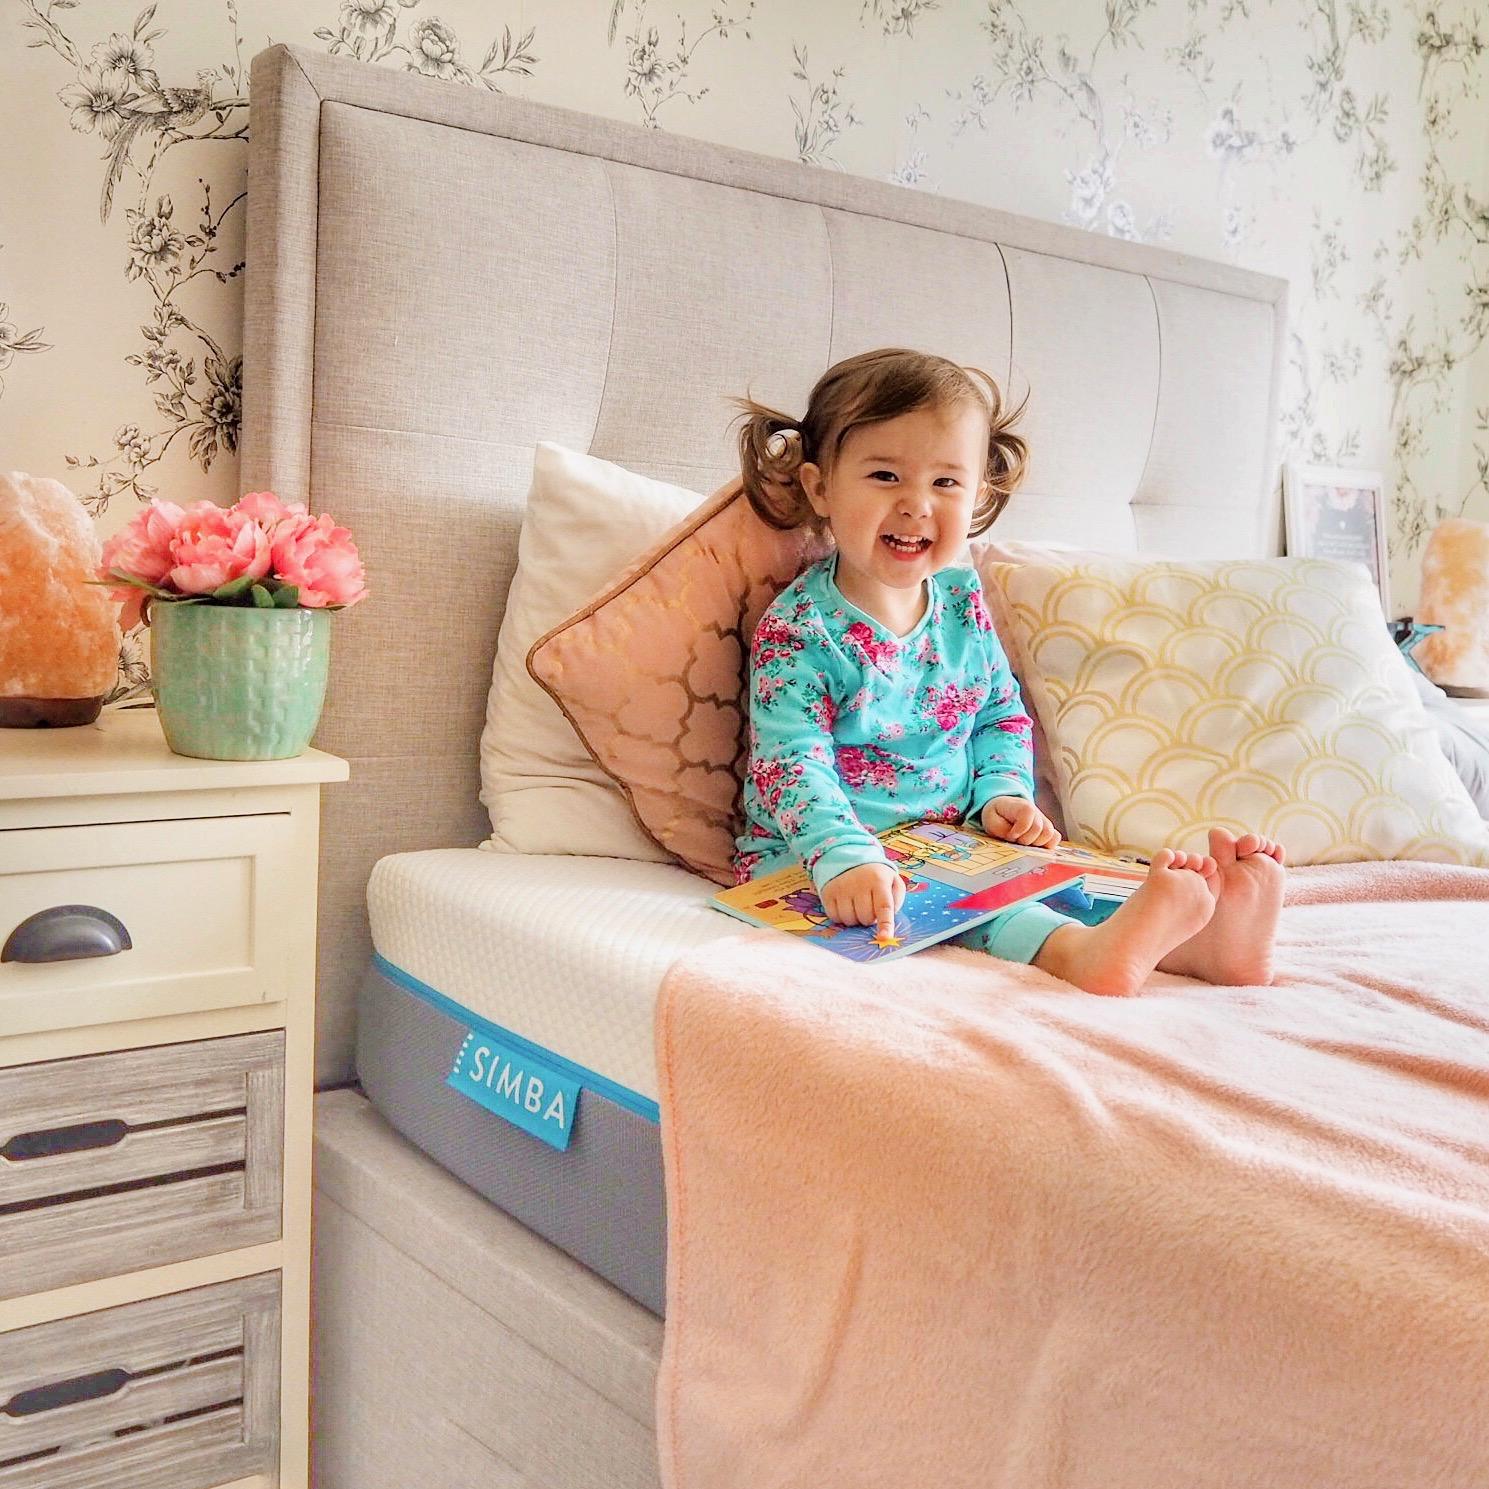 simba hybrid mattress review